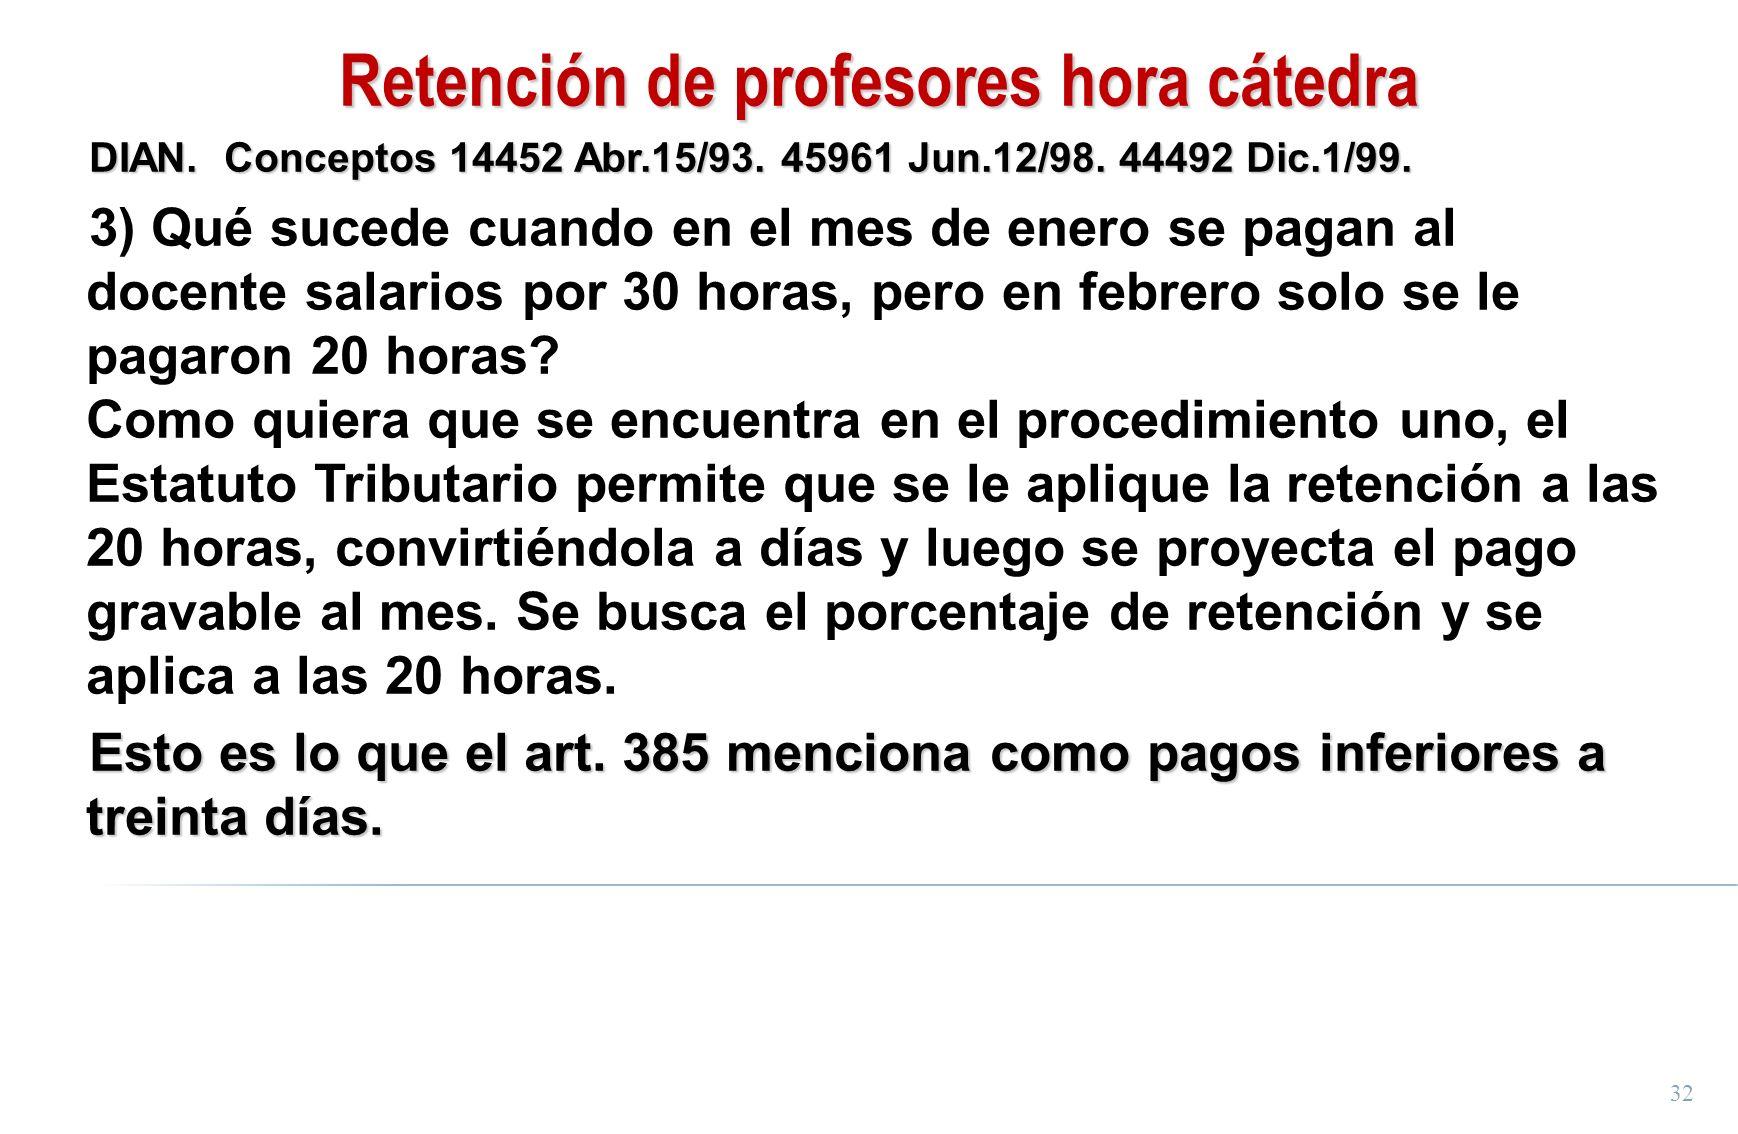 32 Retención de profesores hora cátedra DIAN. Conceptos 14452 Abr.15/93. 45961 Jun.12/98. 44492 Dic.1/99. 3) Qué sucede cuando en el mes de enero se p